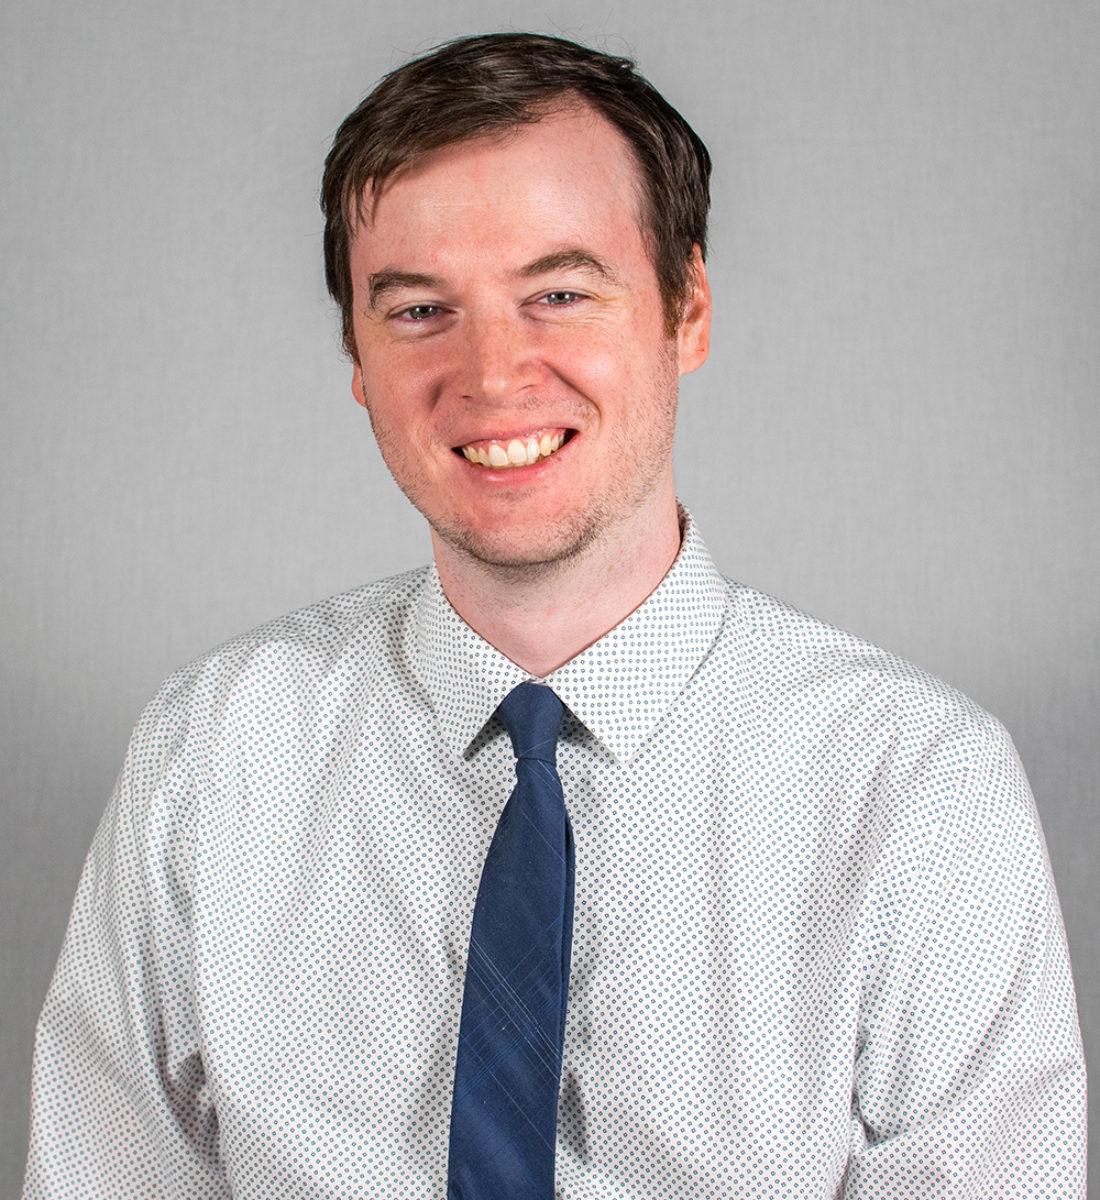 Dan O'Donoghue